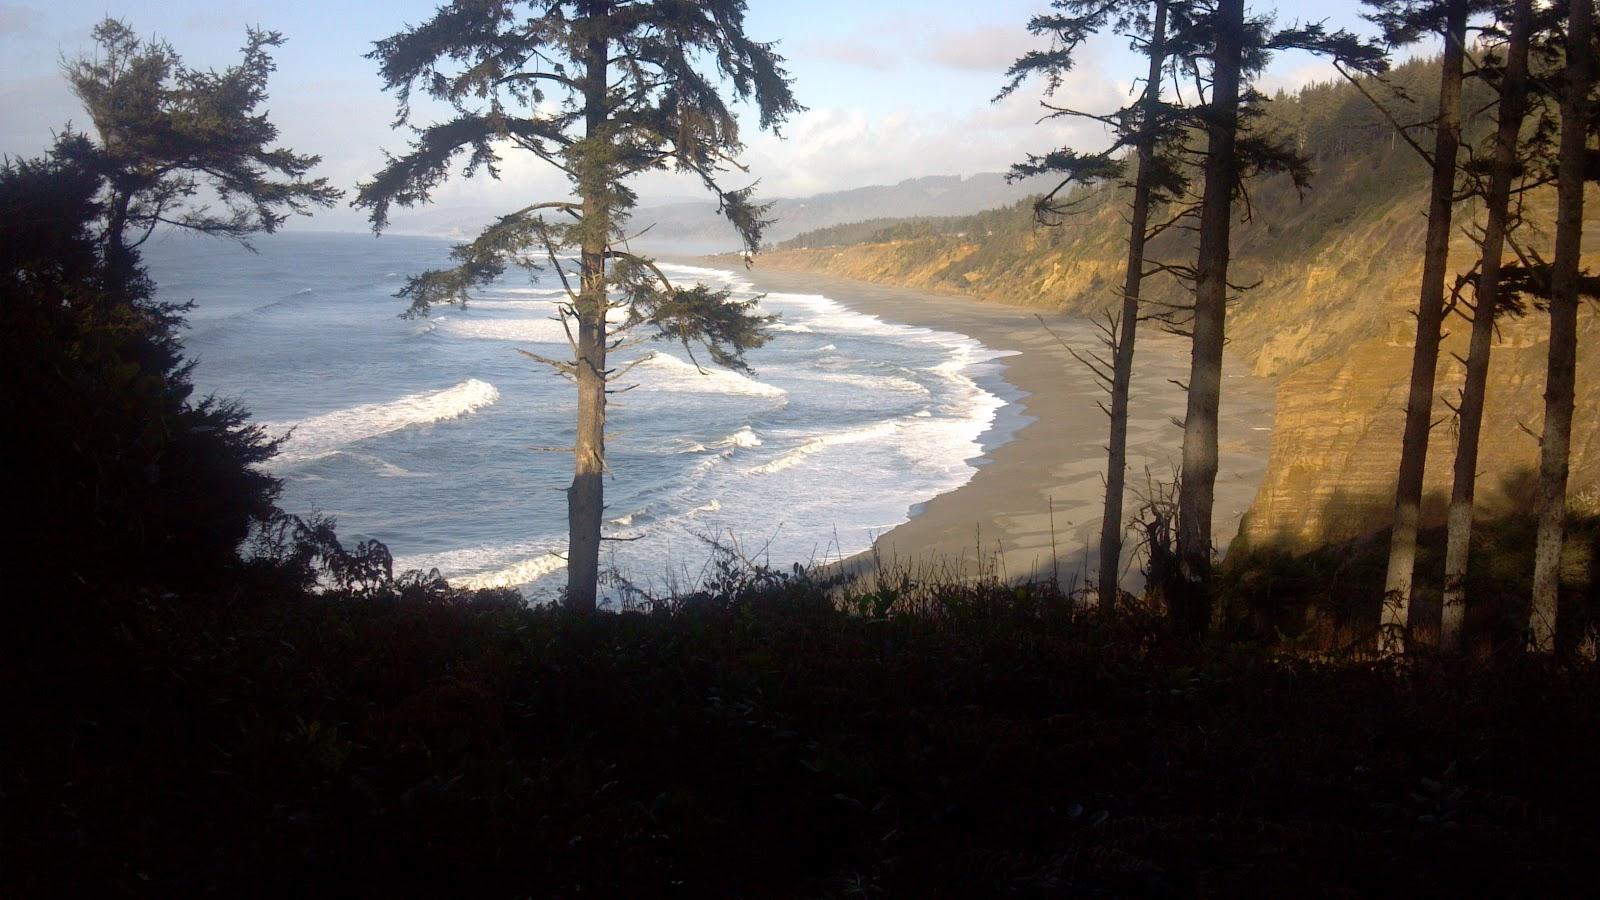 redwoods meet the ocean